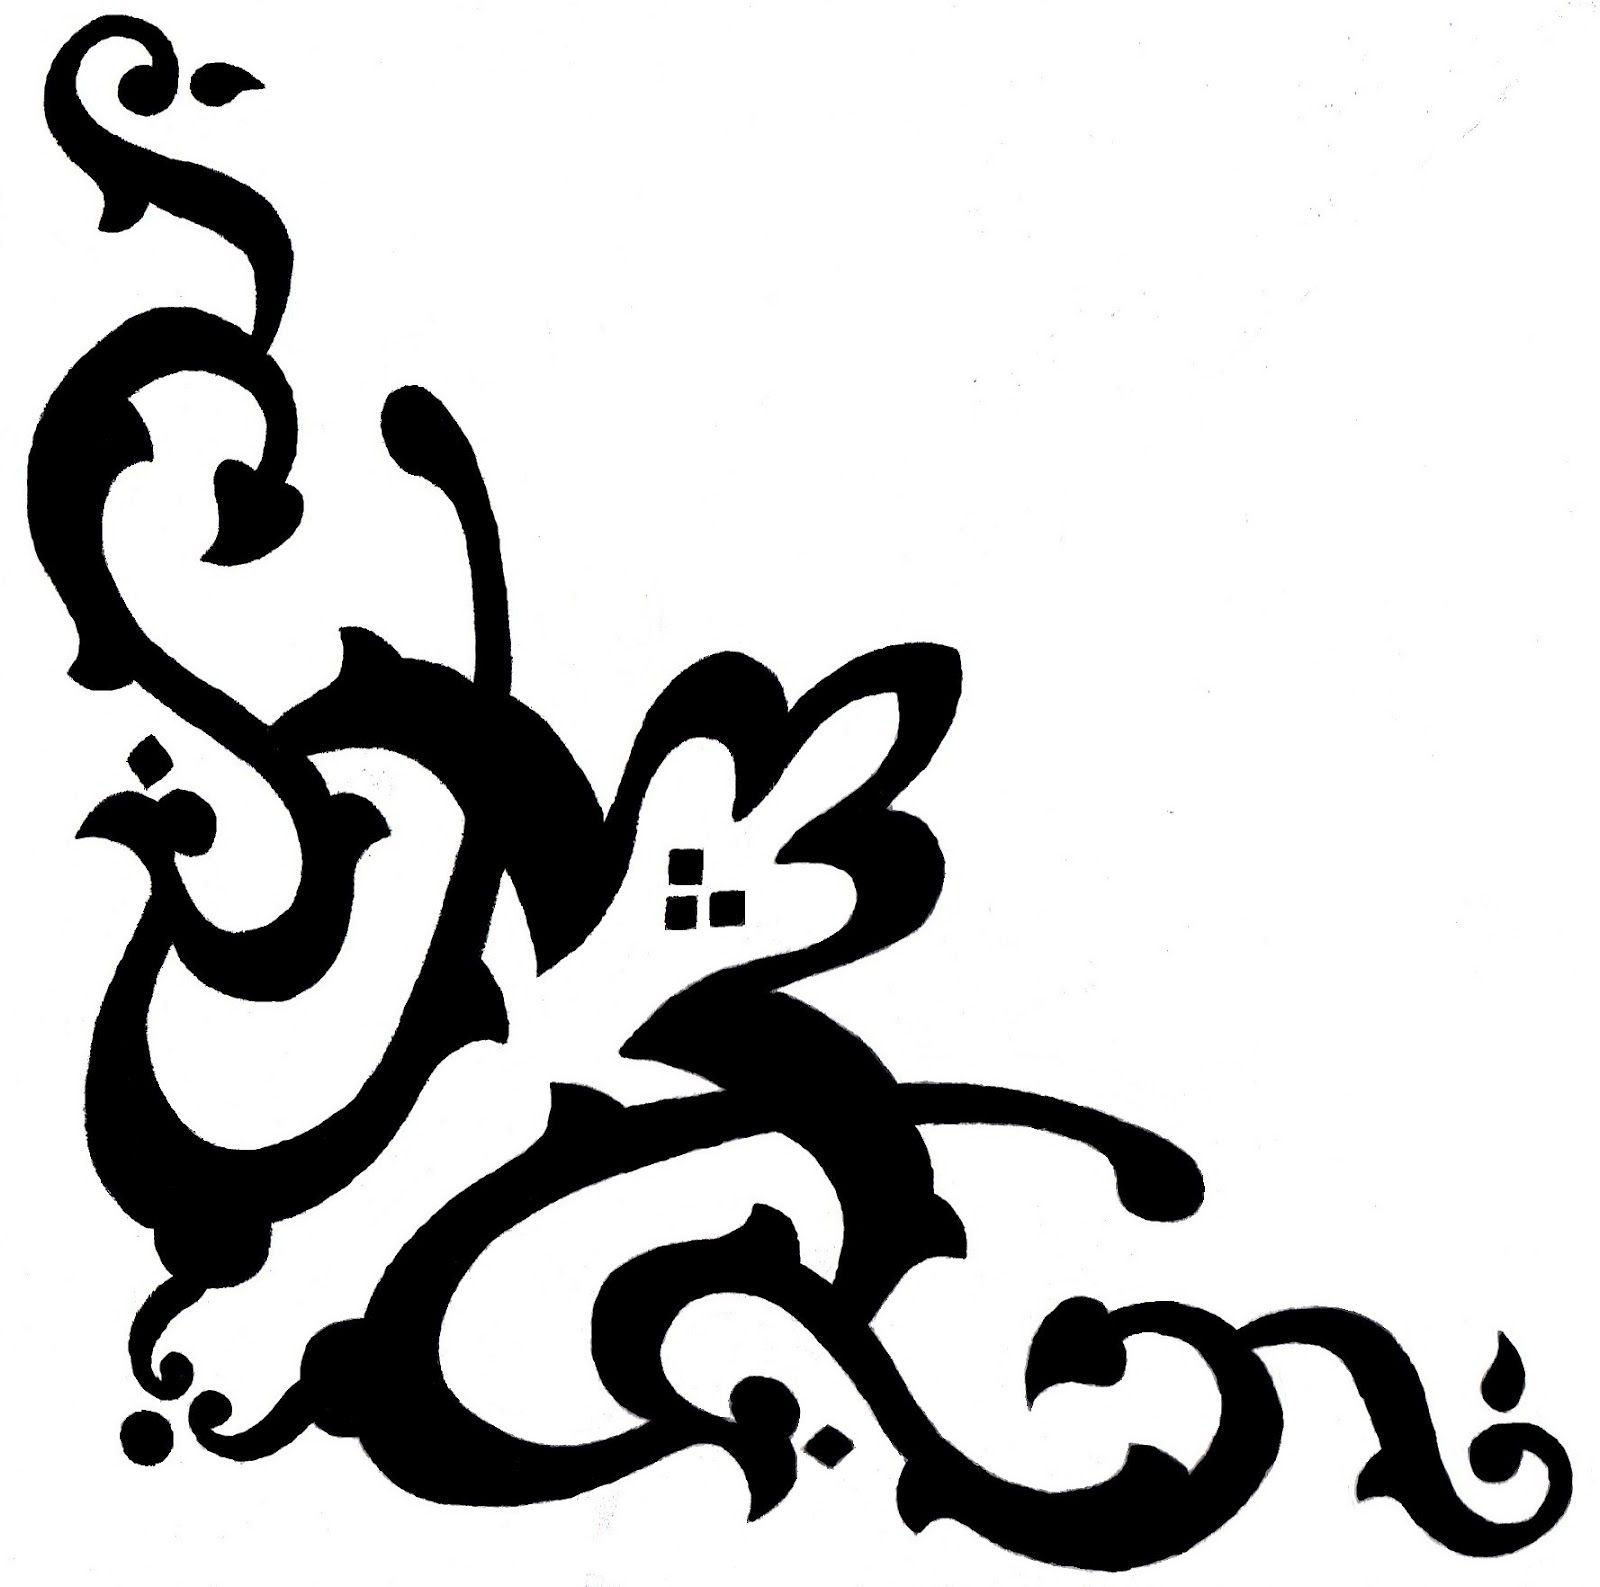 Contoh Ornamen bentuk menyudut simetris (motif tumbuhan